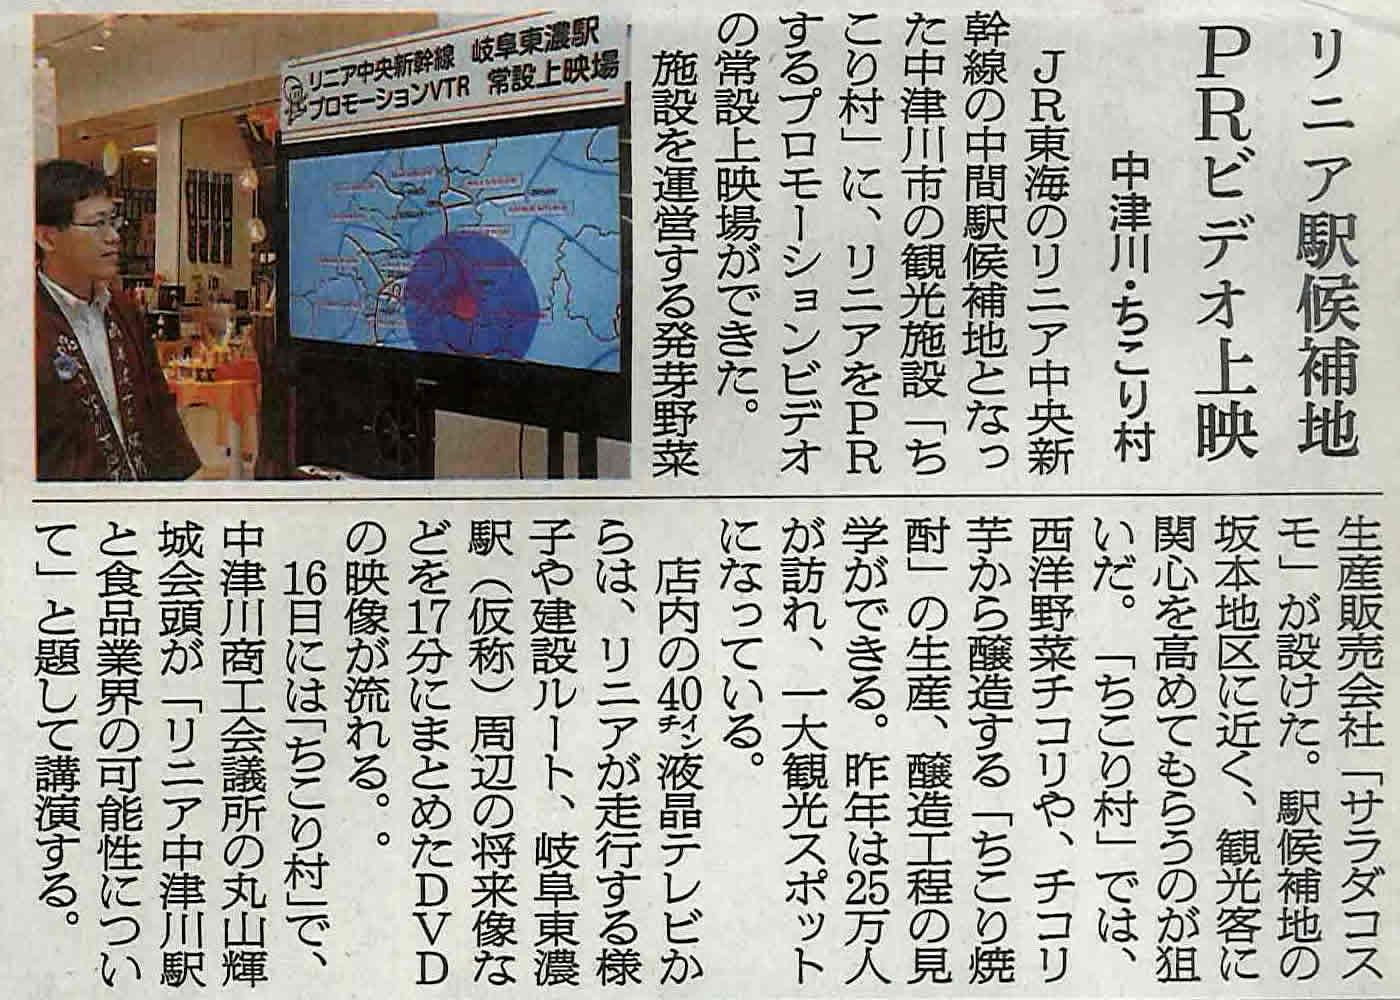 朝日新聞にリニアコーナー_d0063218_1338212.jpg